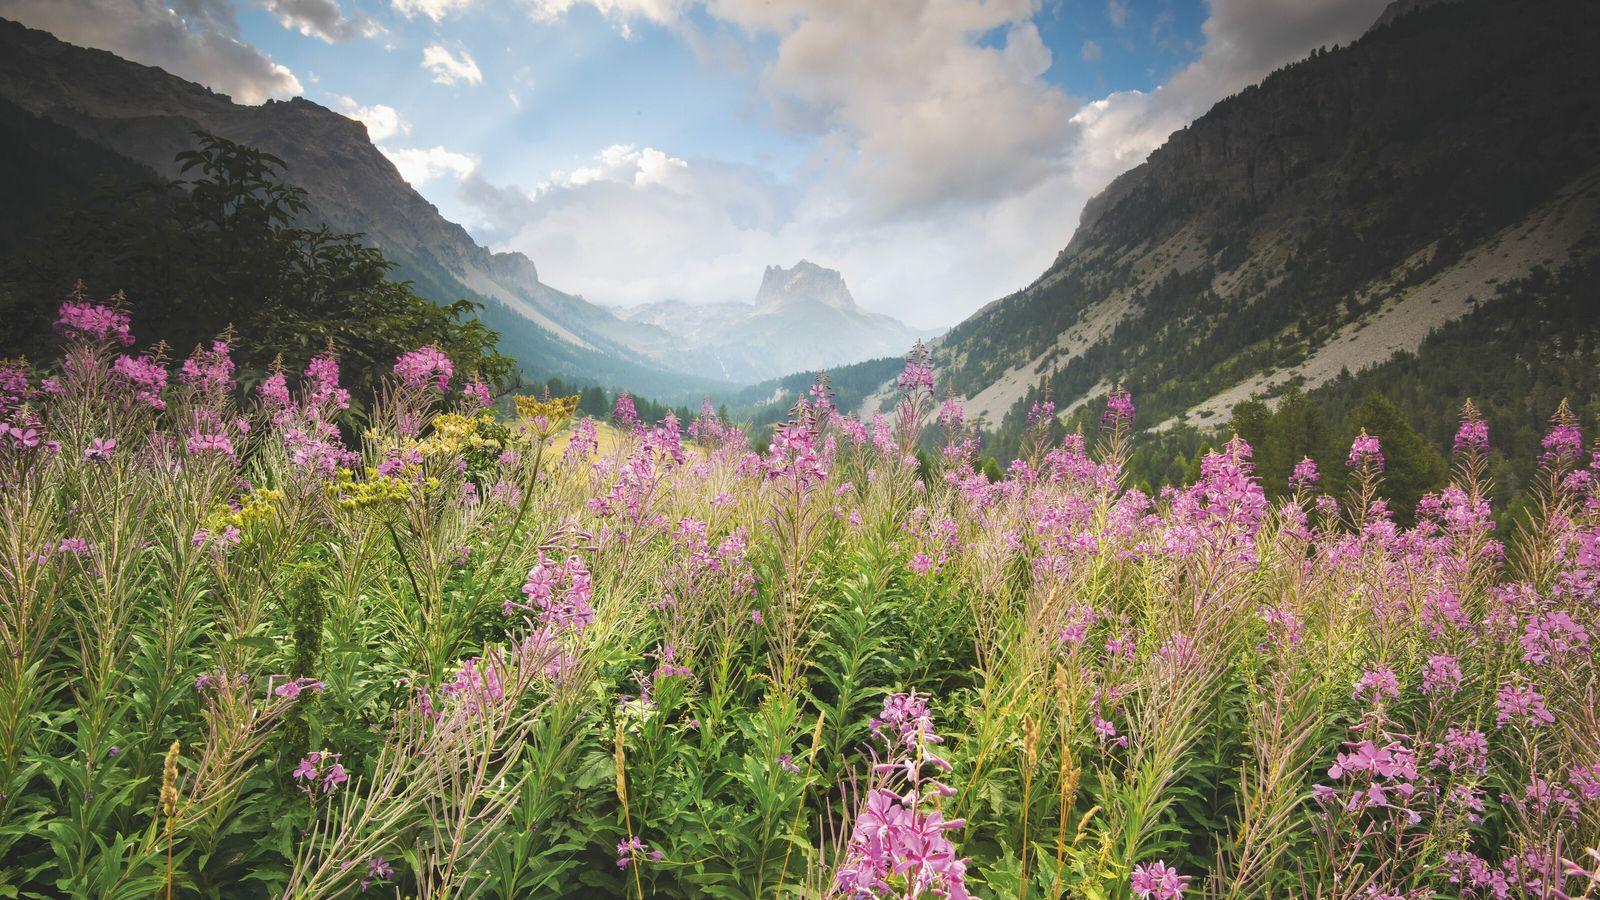 La floraison des épilobes annonce l'arrivée de l'été dans cette vallée alpine proche du mont Thabor.